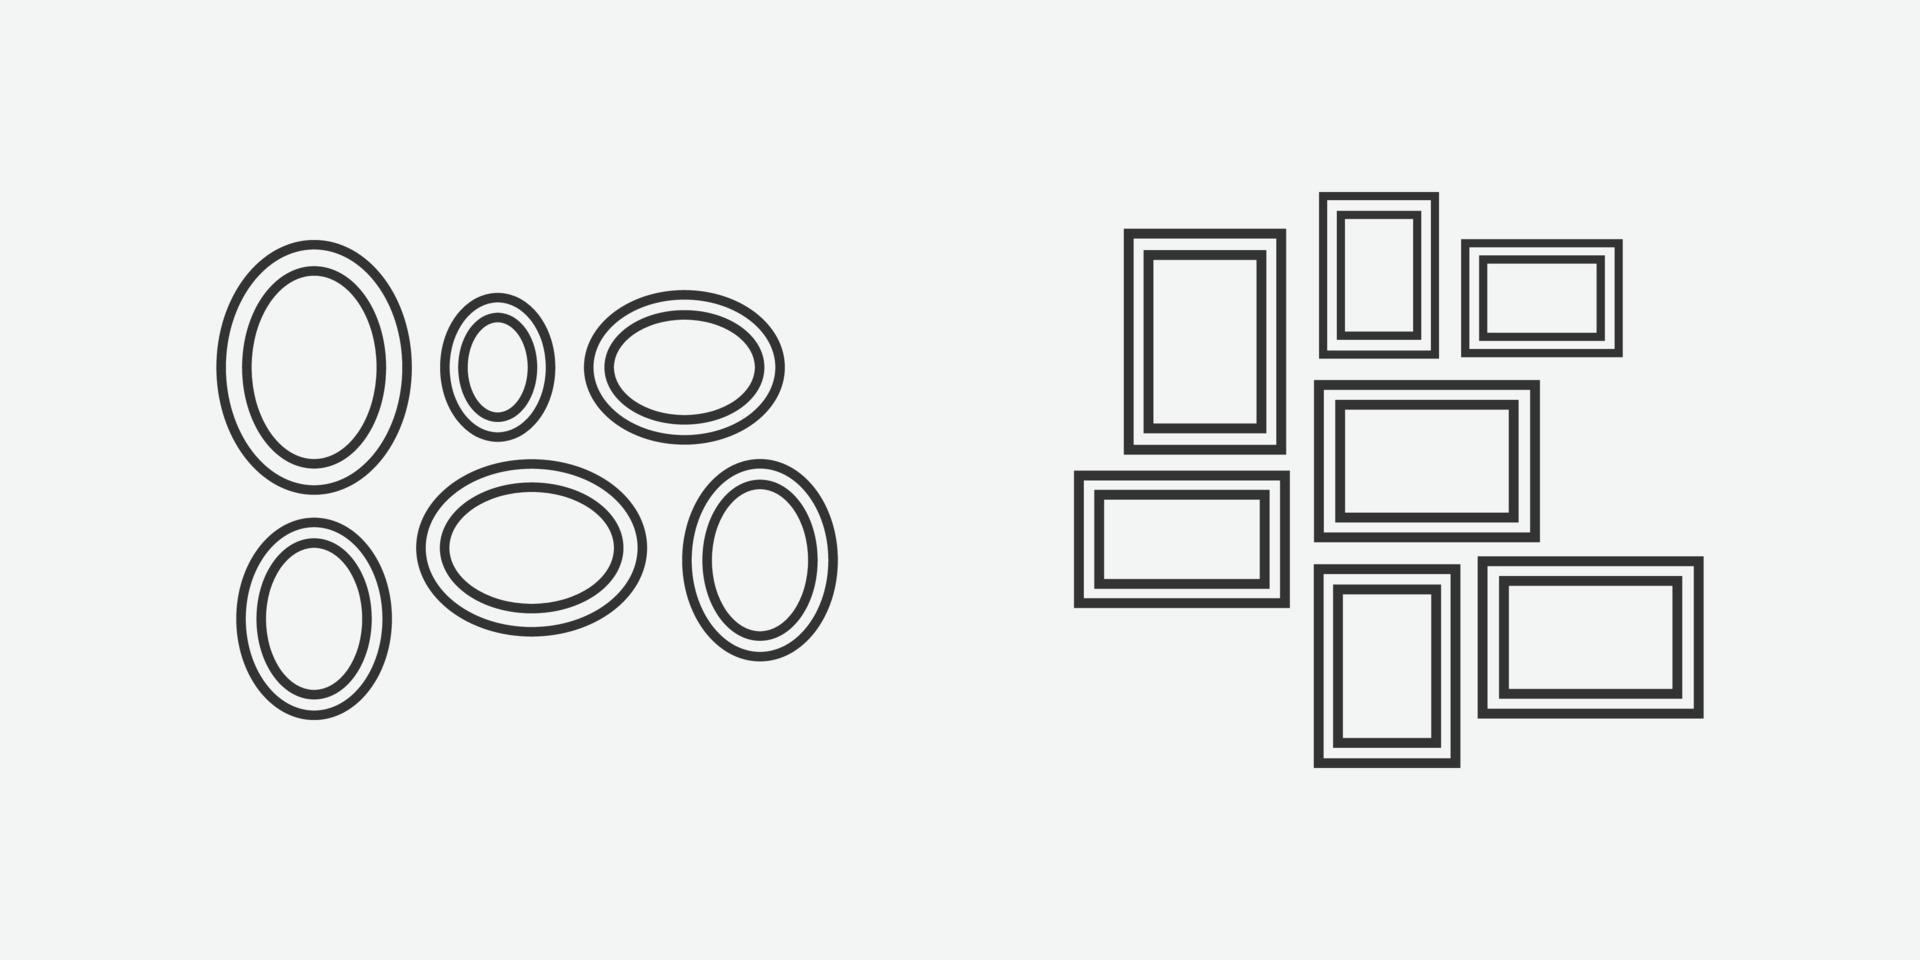 ilustración vectorial de iconos de marco de imagen. vector